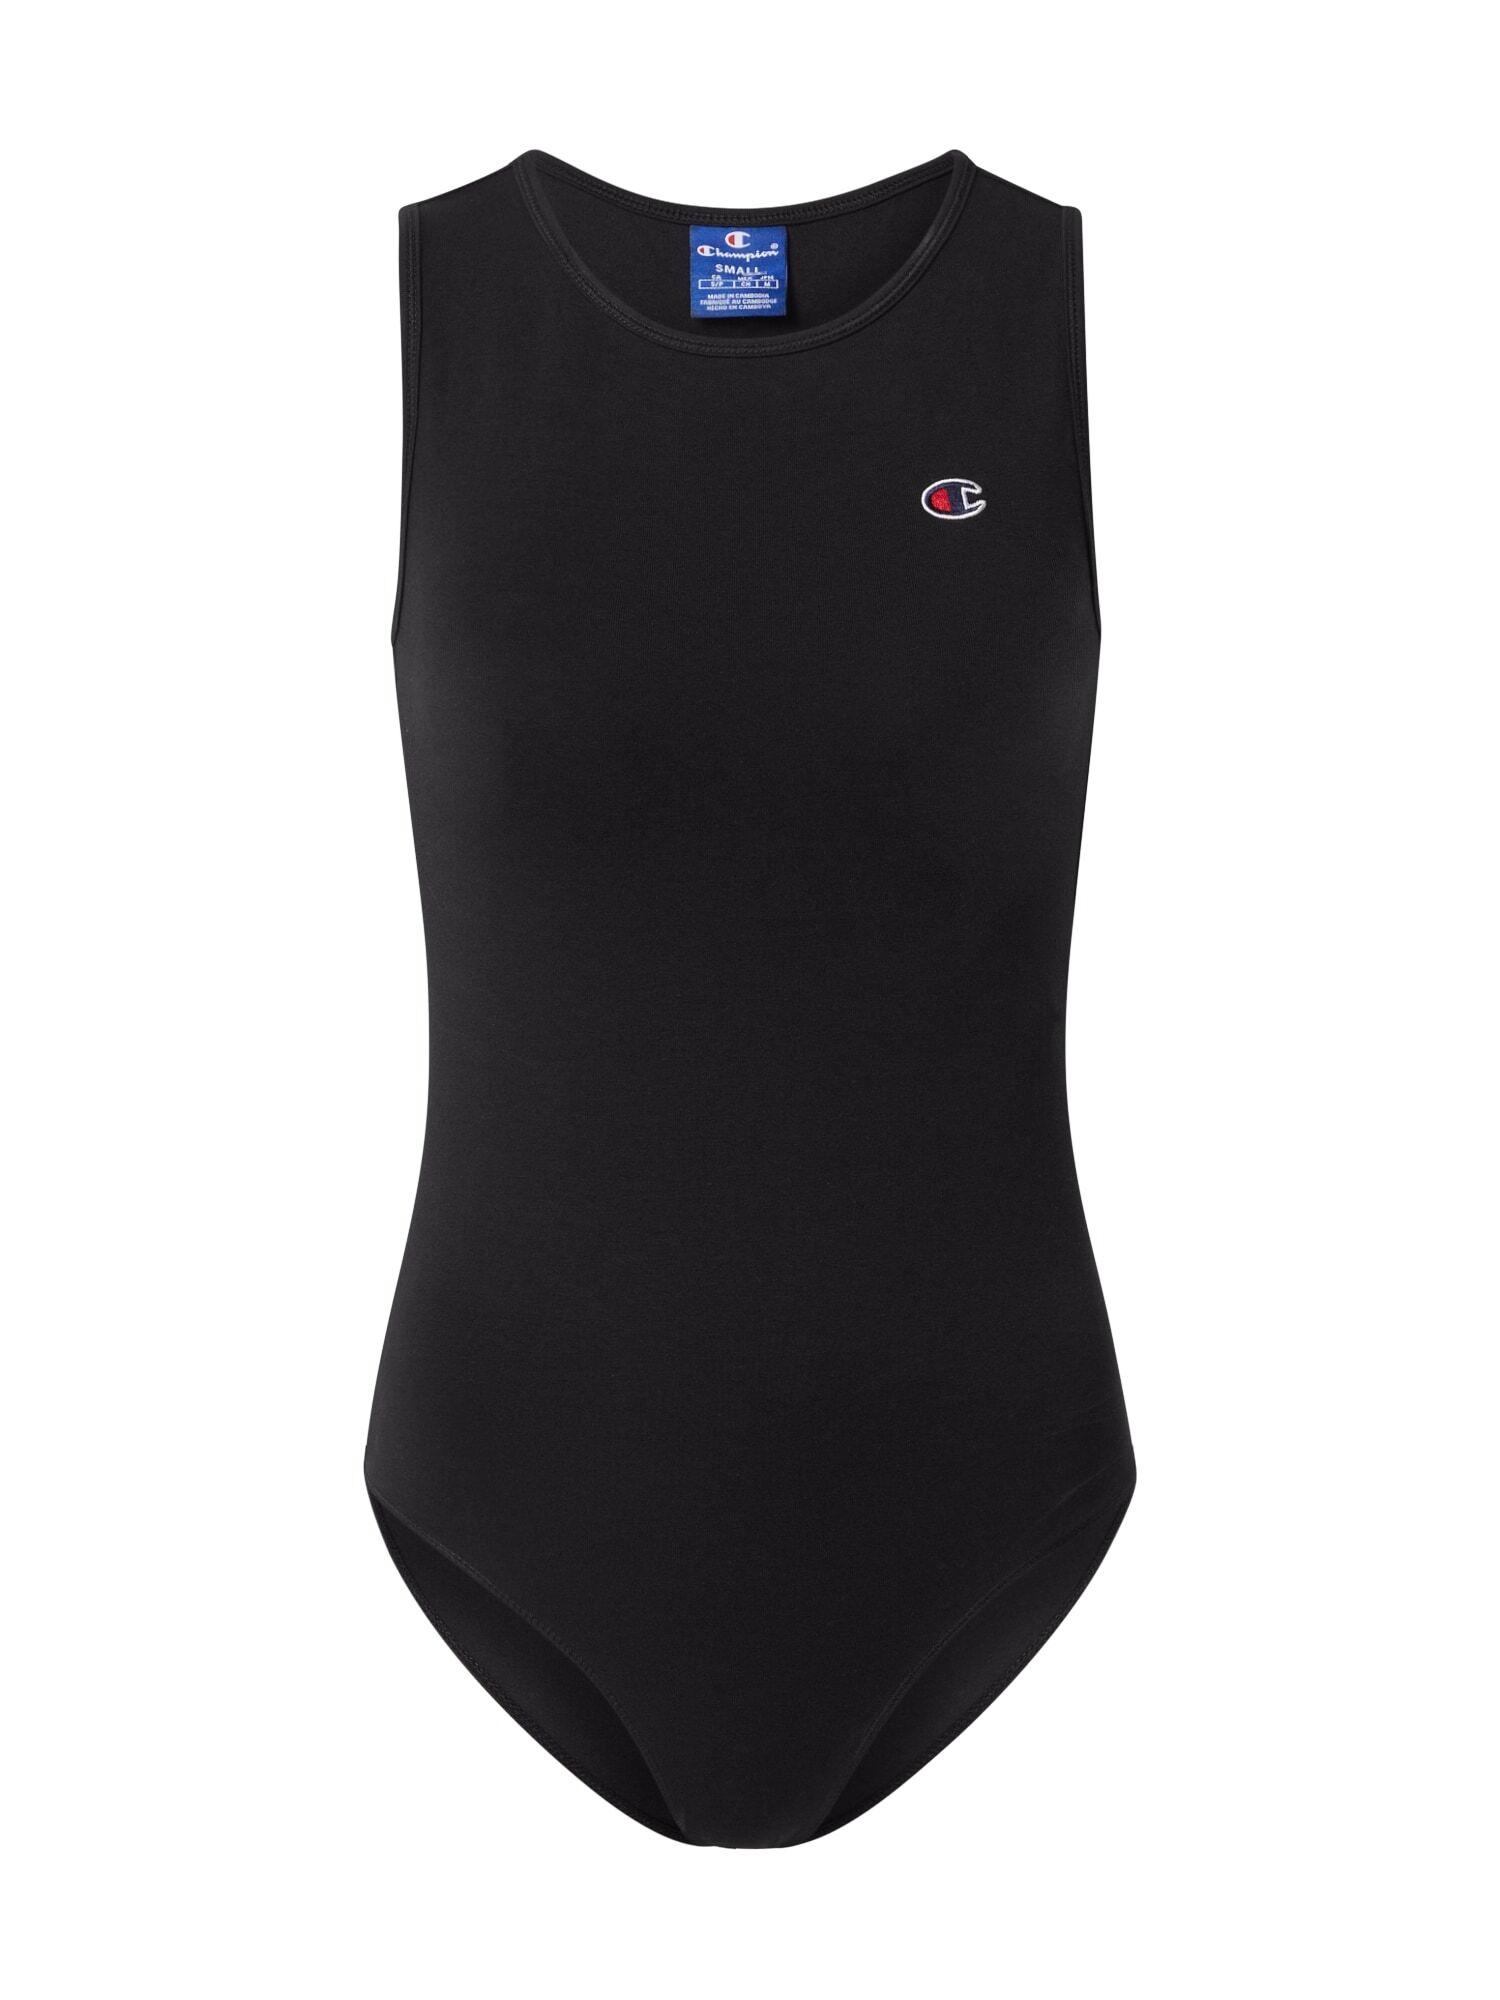 Champion Authentic Athletic Apparel Body a maglietta 'Balance' Nero